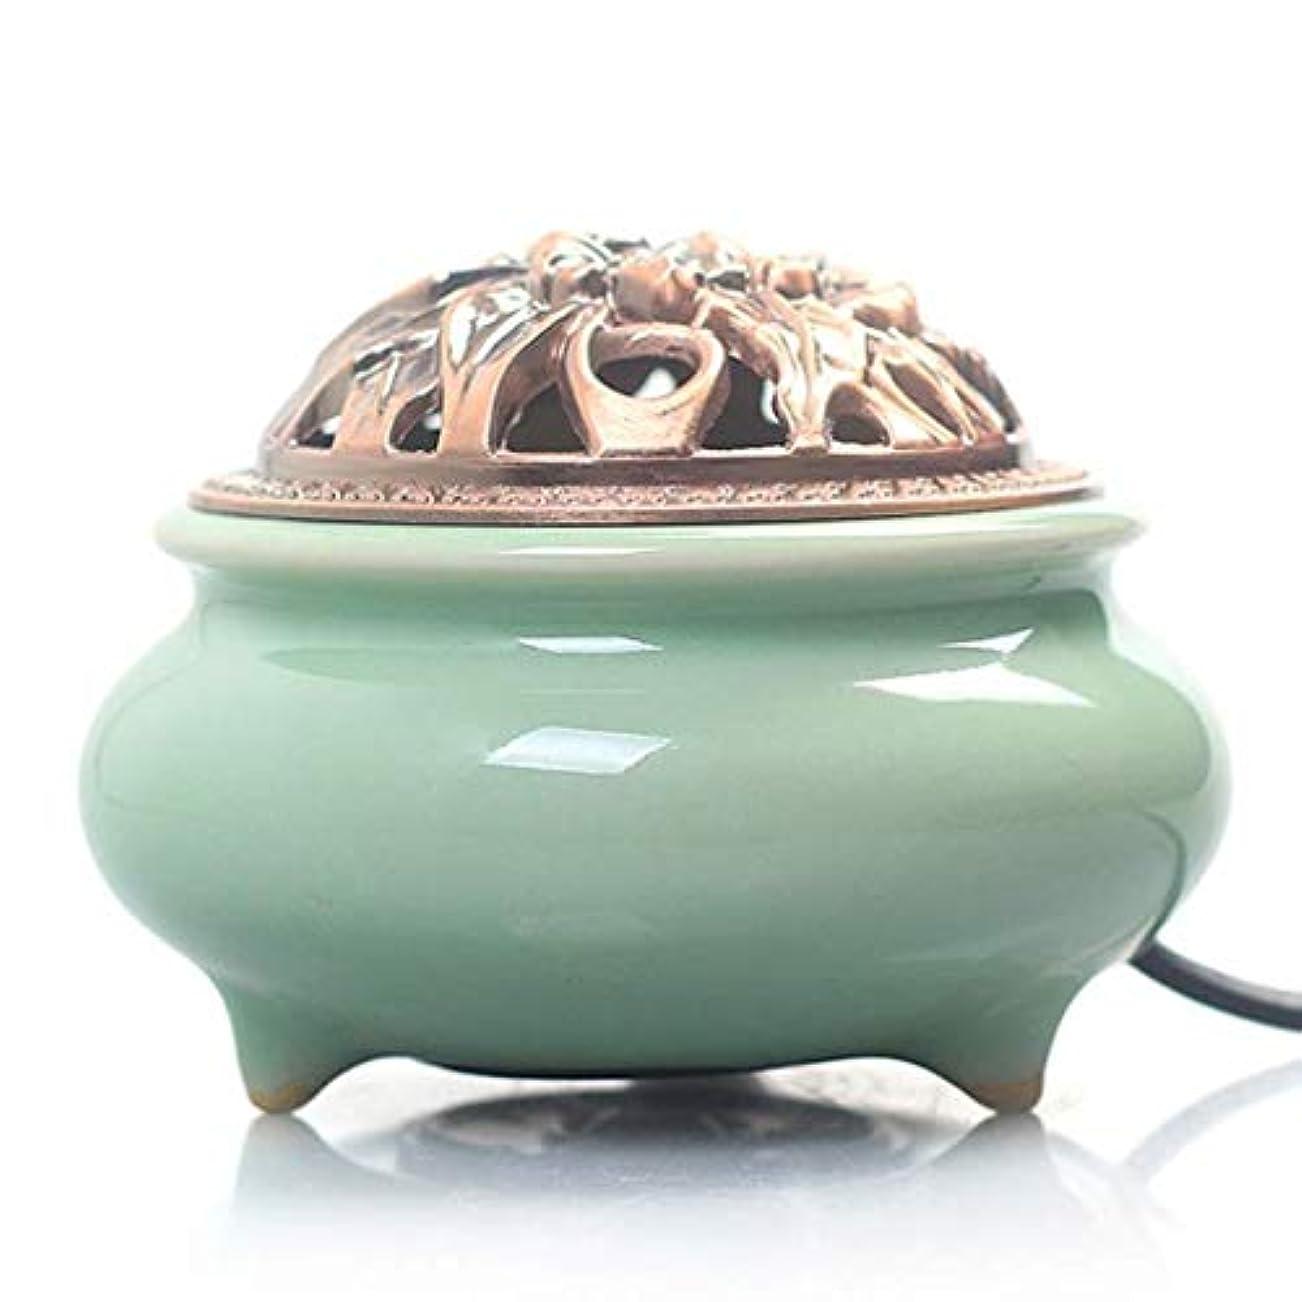 思いやりびっくり塊MYTDBD 電子香炉陶器アロマ炉ホームエッセンシャル (Color : Green, Size : Peony cover)